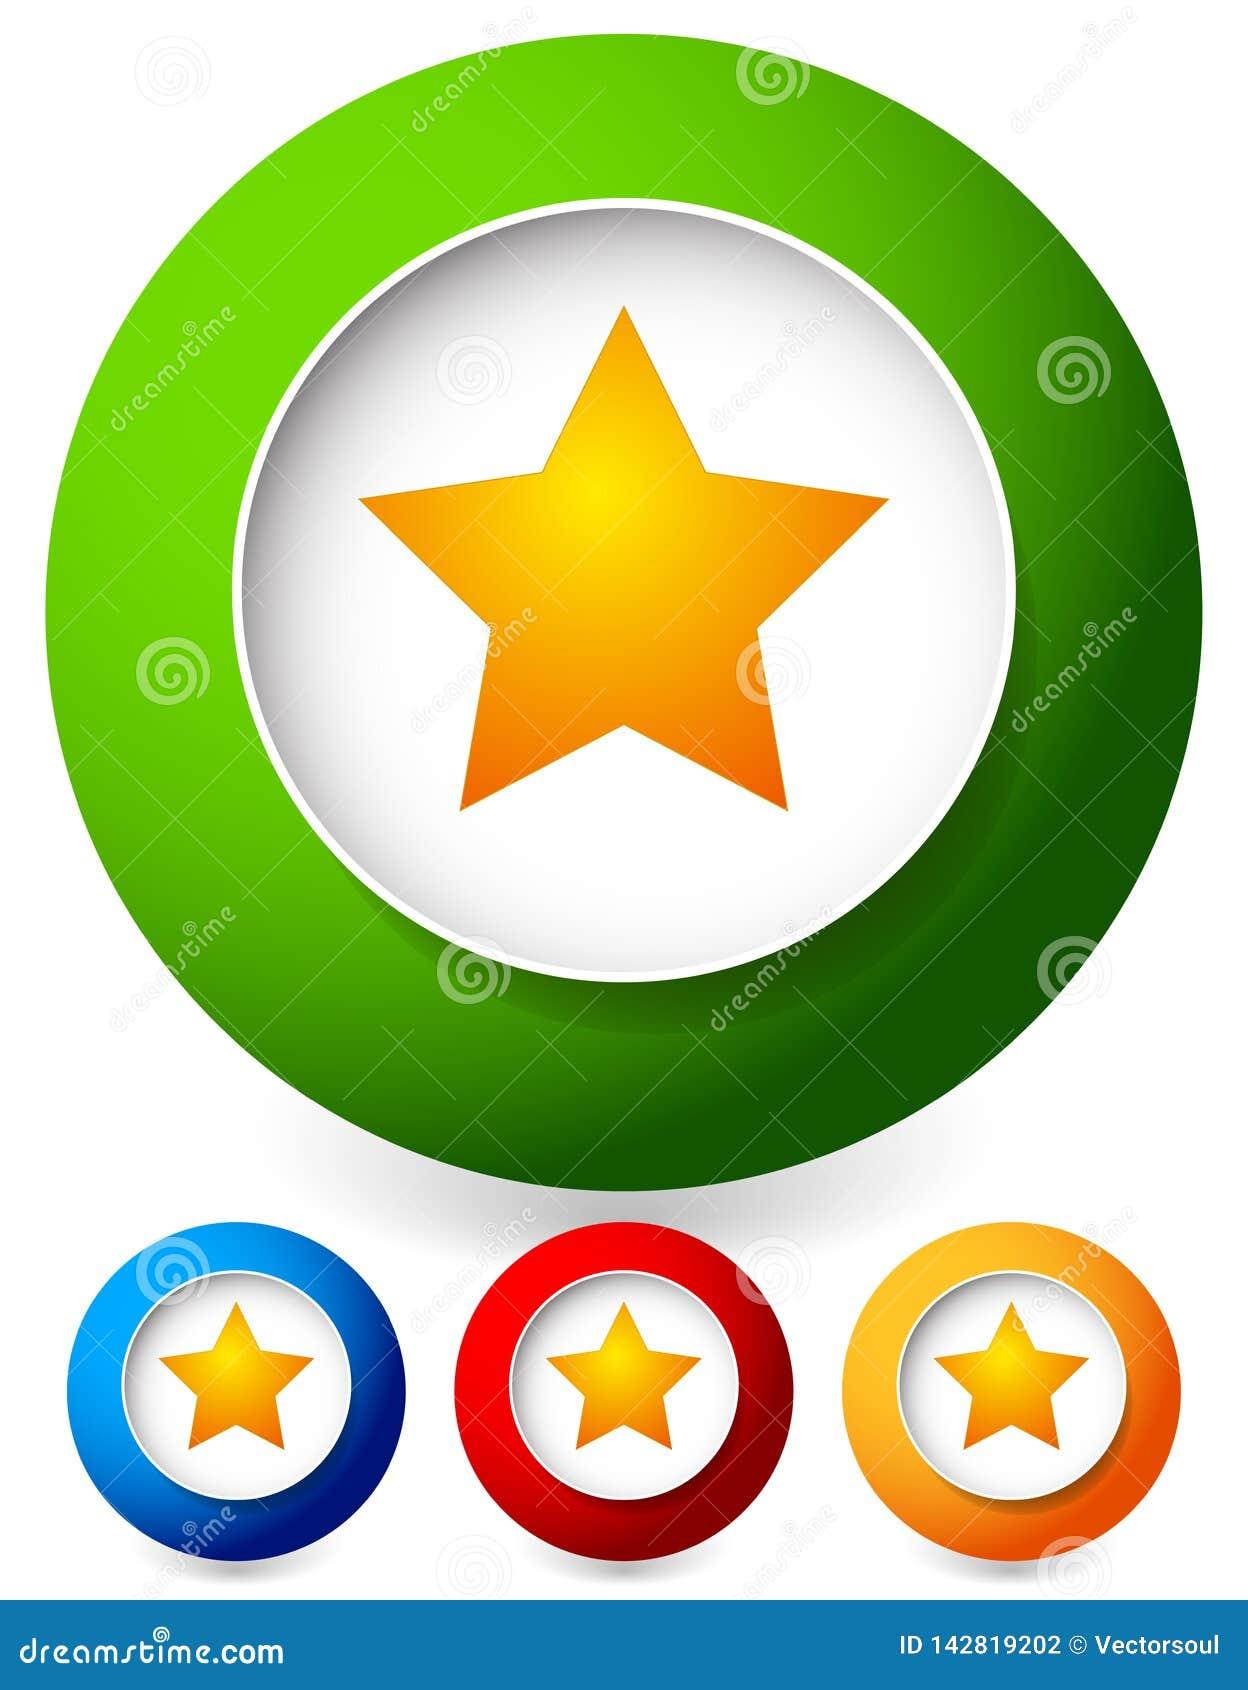 Звезда в значке круга смогите конструктор каждый вектор оригиналов предмета evgeniy графиков независимый kotelevskiy